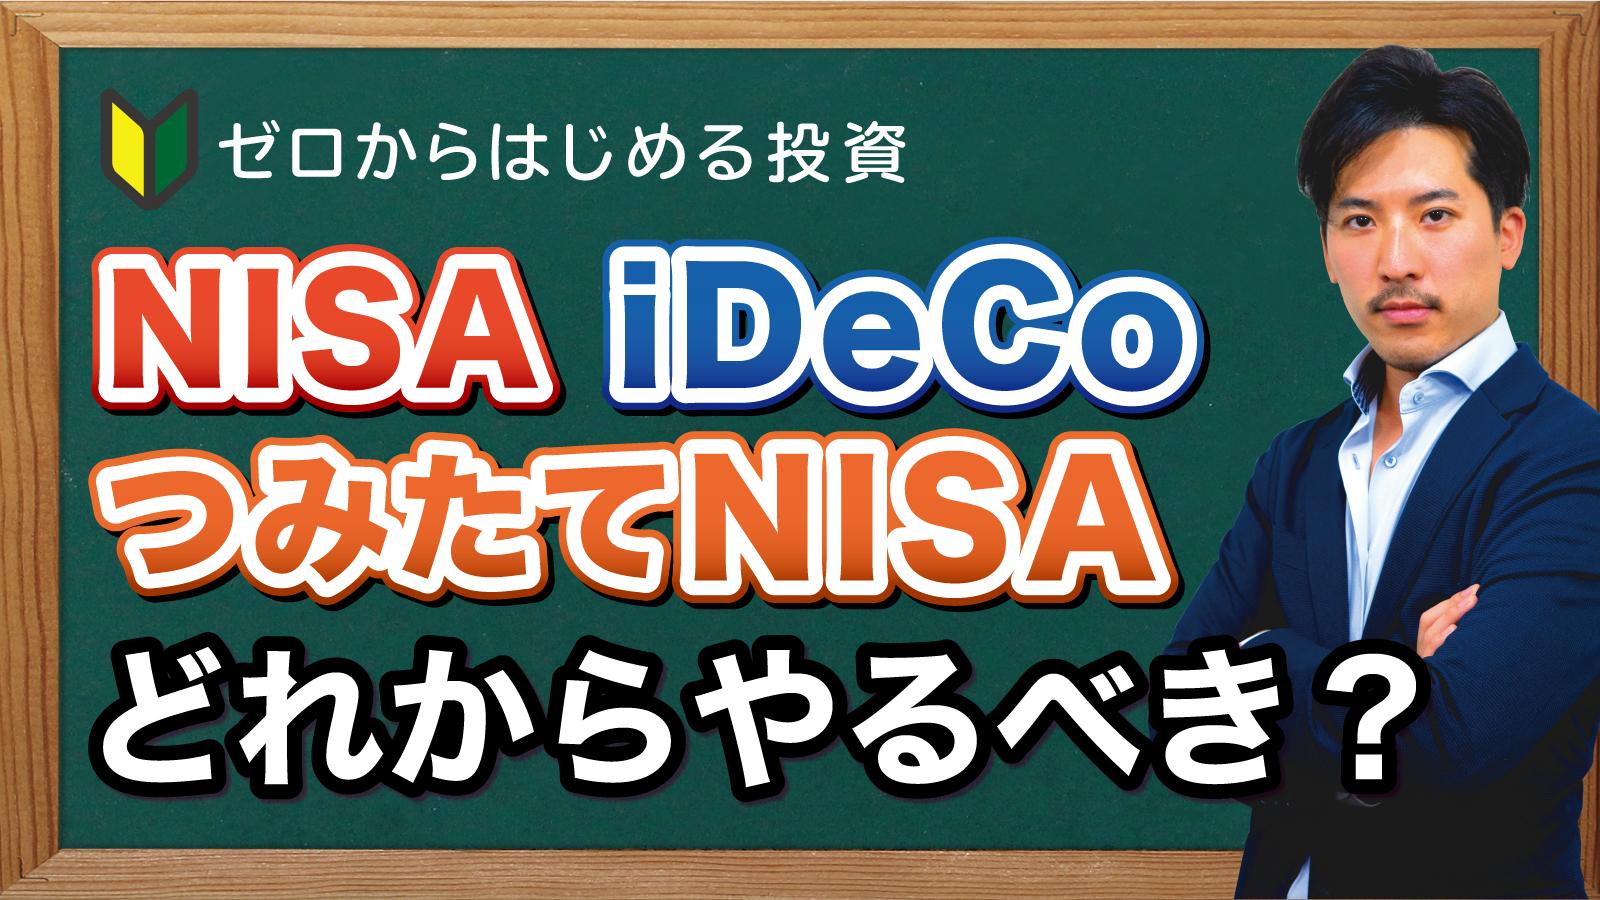 一般NISA・つみたてNISA・iDeCo どれから始めるべき?